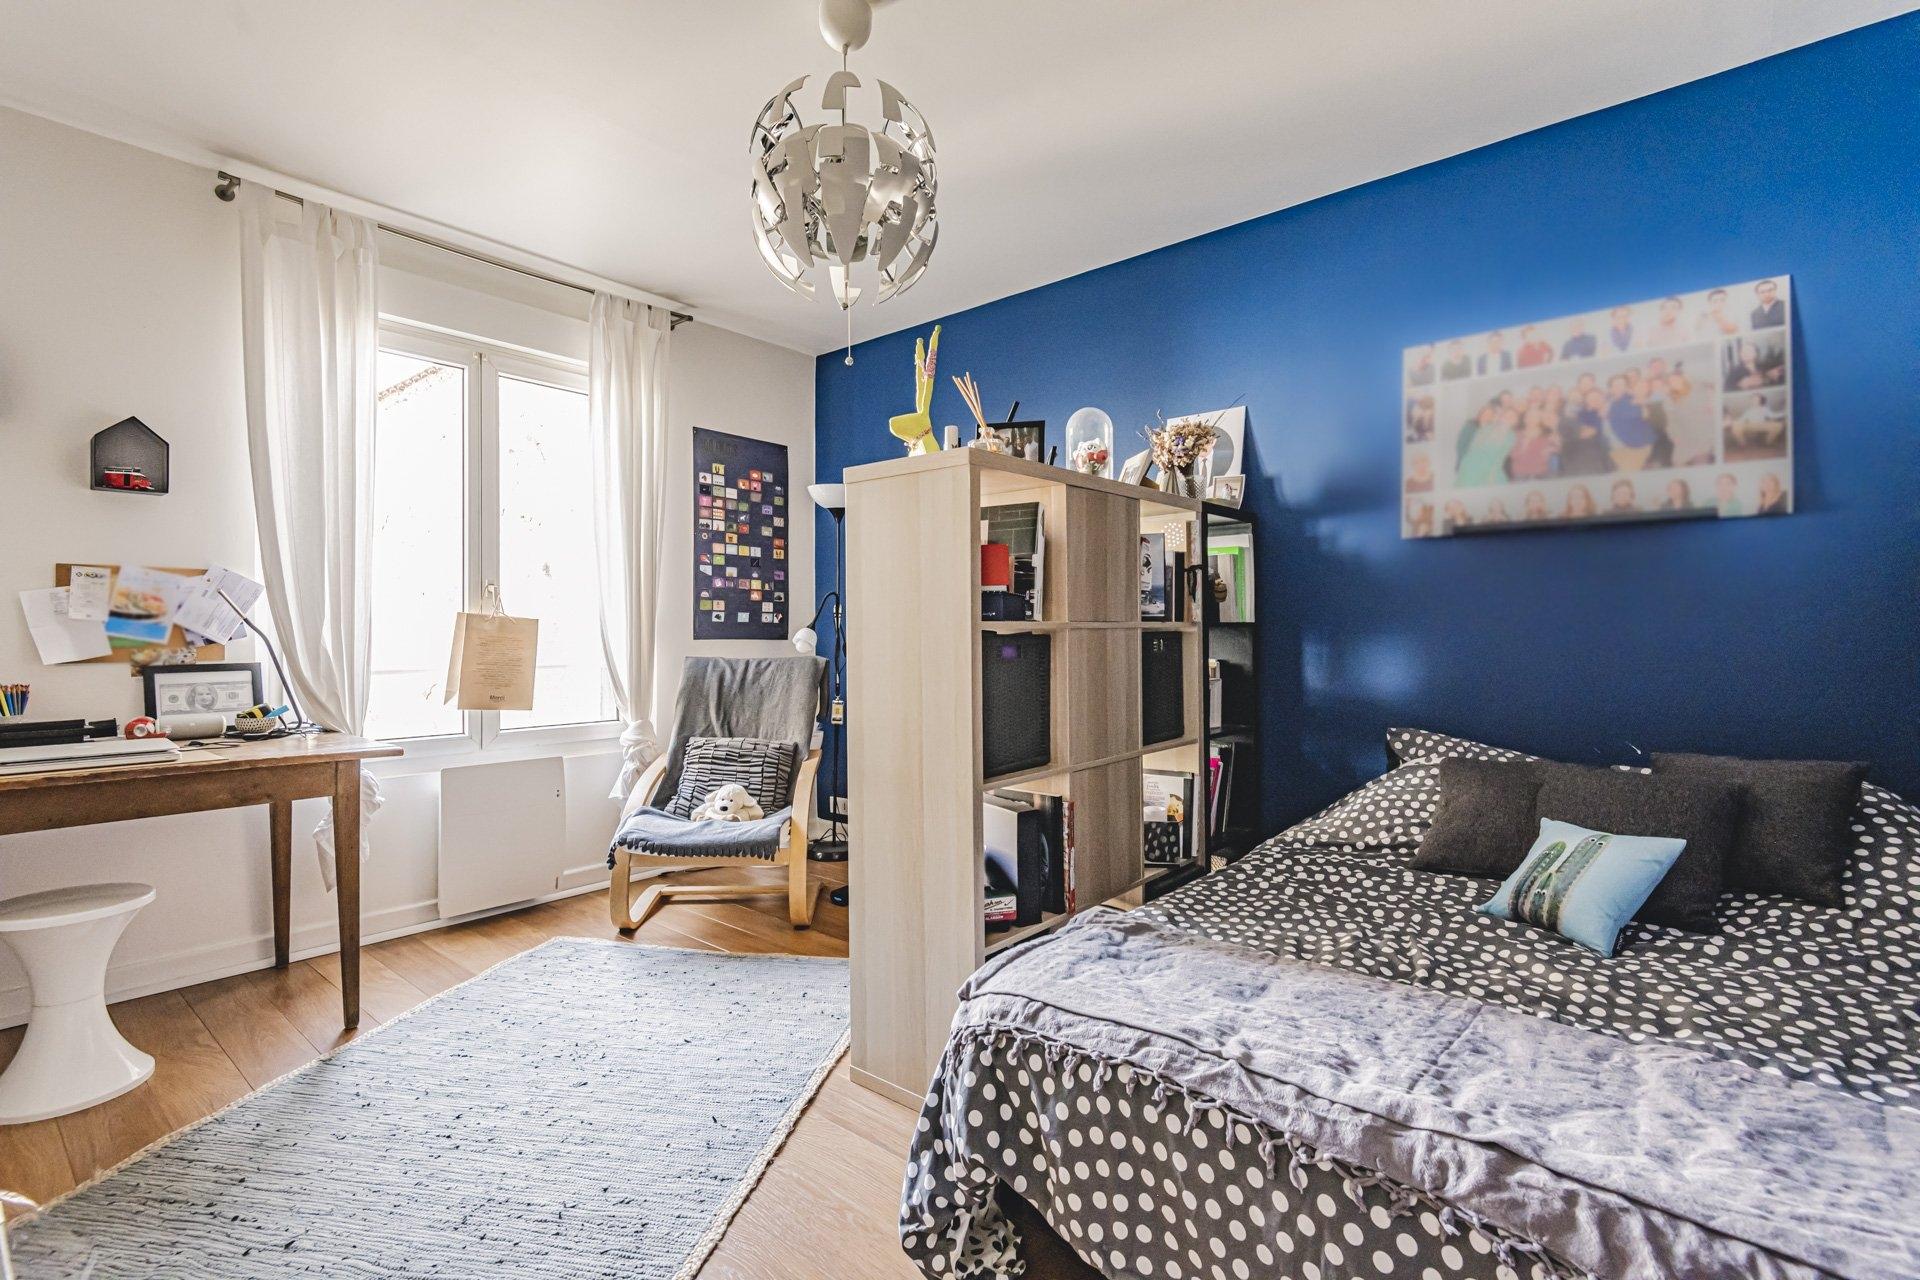 Appartement Reims 4 Pièces 104 m2 - 7